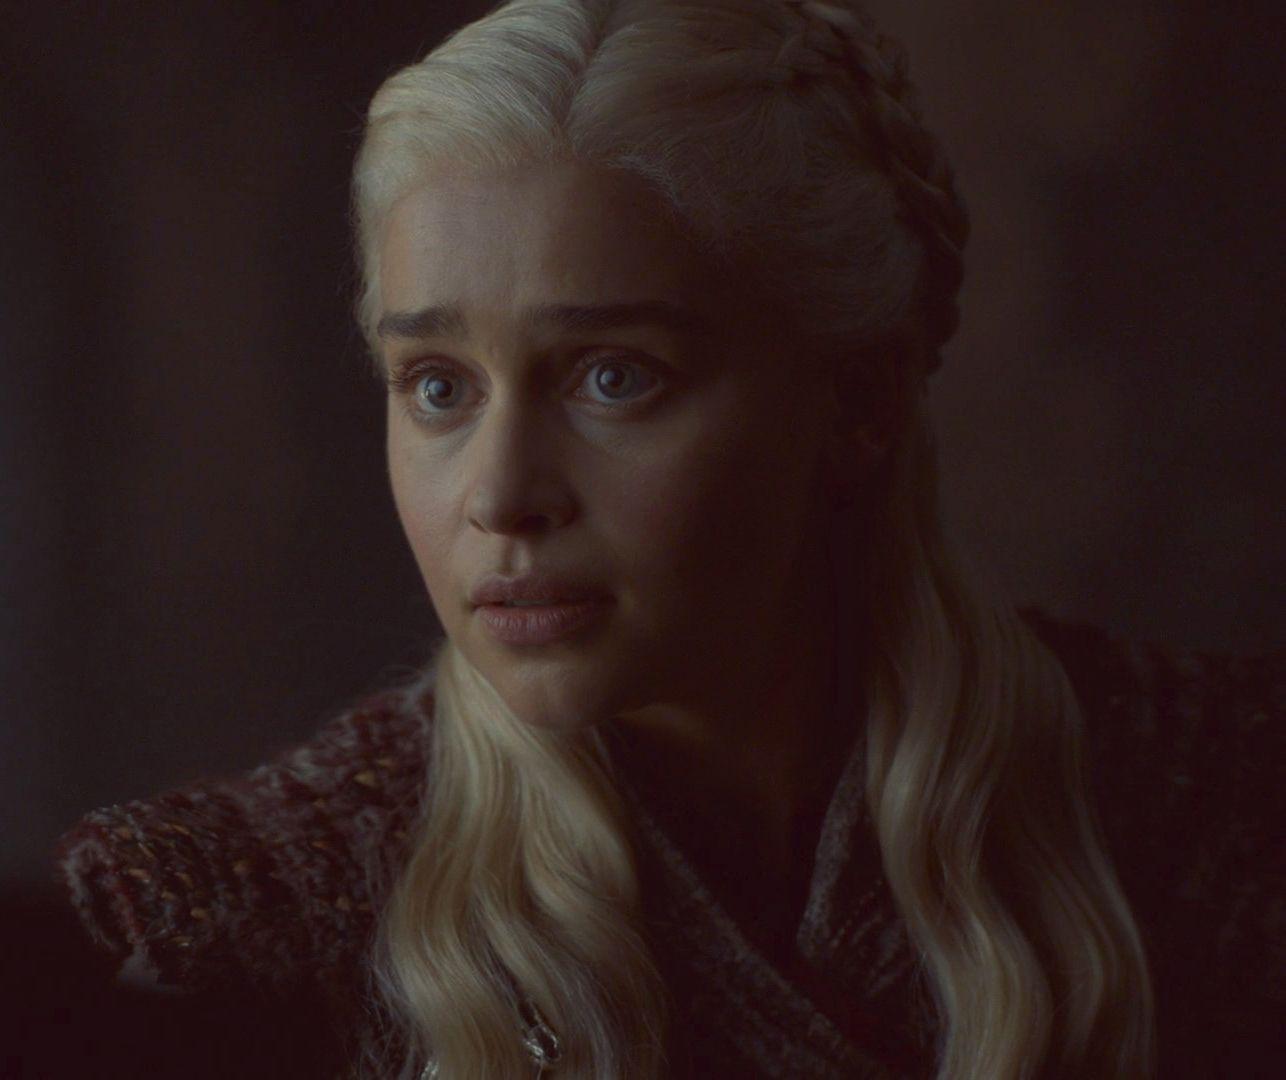 Until I Met Jon Daenerys Targaryen Game Of Thrones Season 8 Episode 2 Mother Of Dragons Daenerys Targaryen Iron Throne